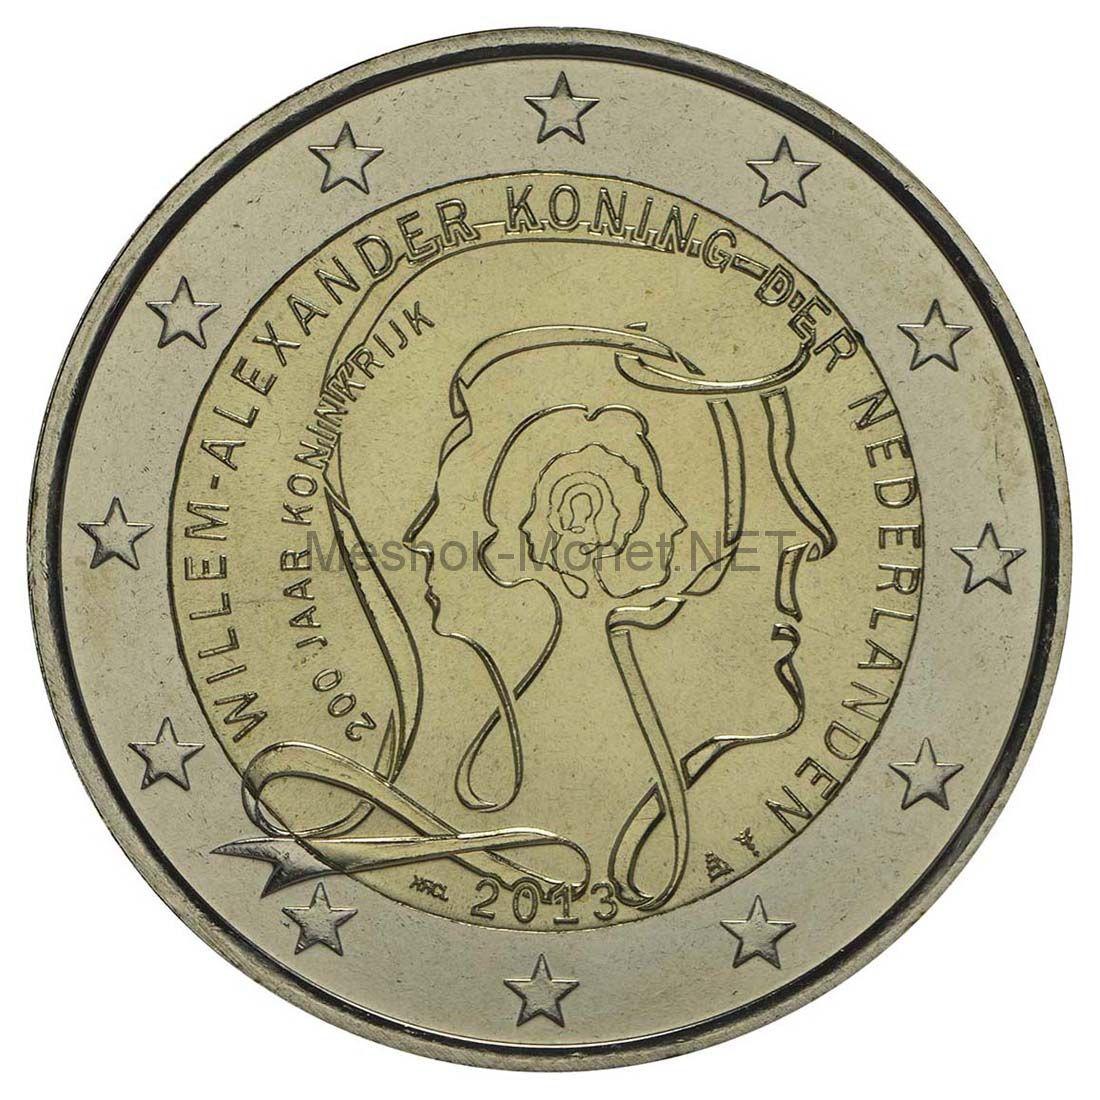 Нидерланды 2 евро 2013, 200 лет Королевству Нидерландов